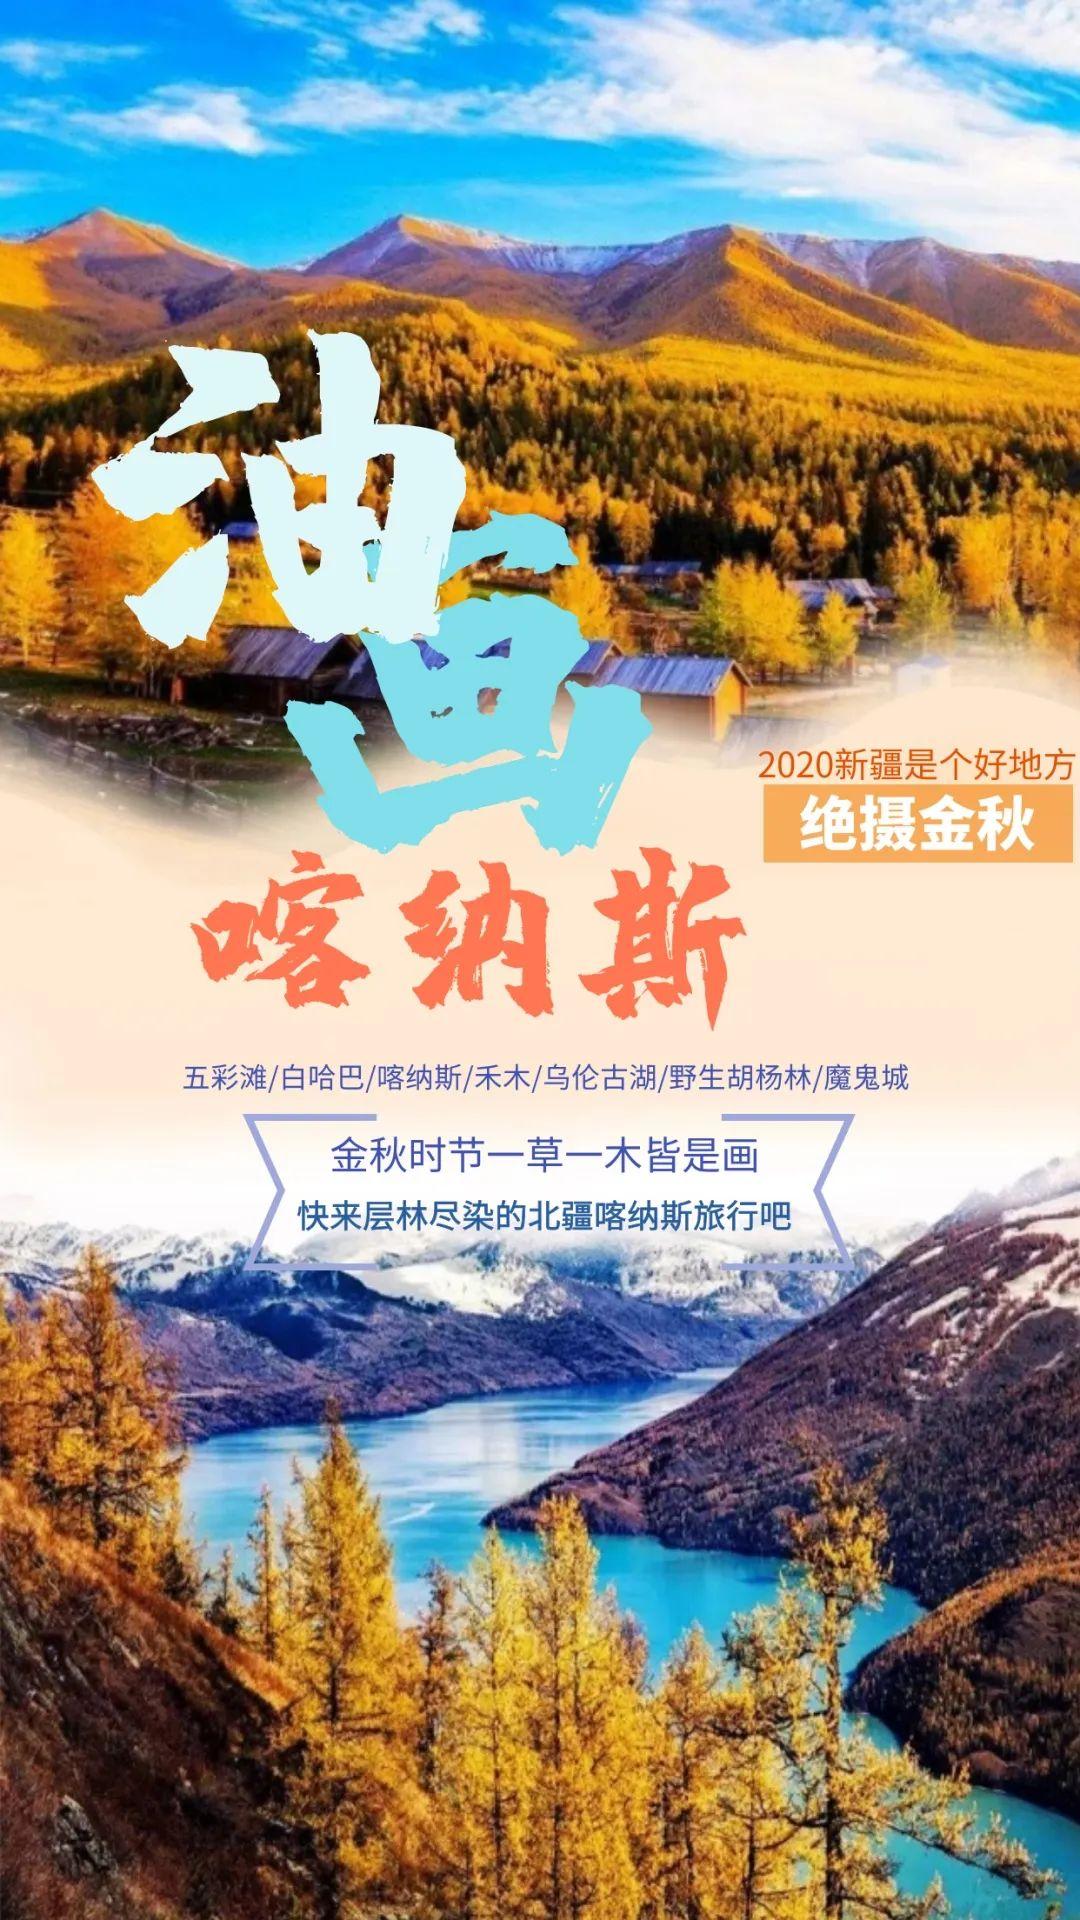 (1)2020新疆是个好地方    绝摄金秋—喀纳斯赏秋8日深度游-户外活动图-驼铃网